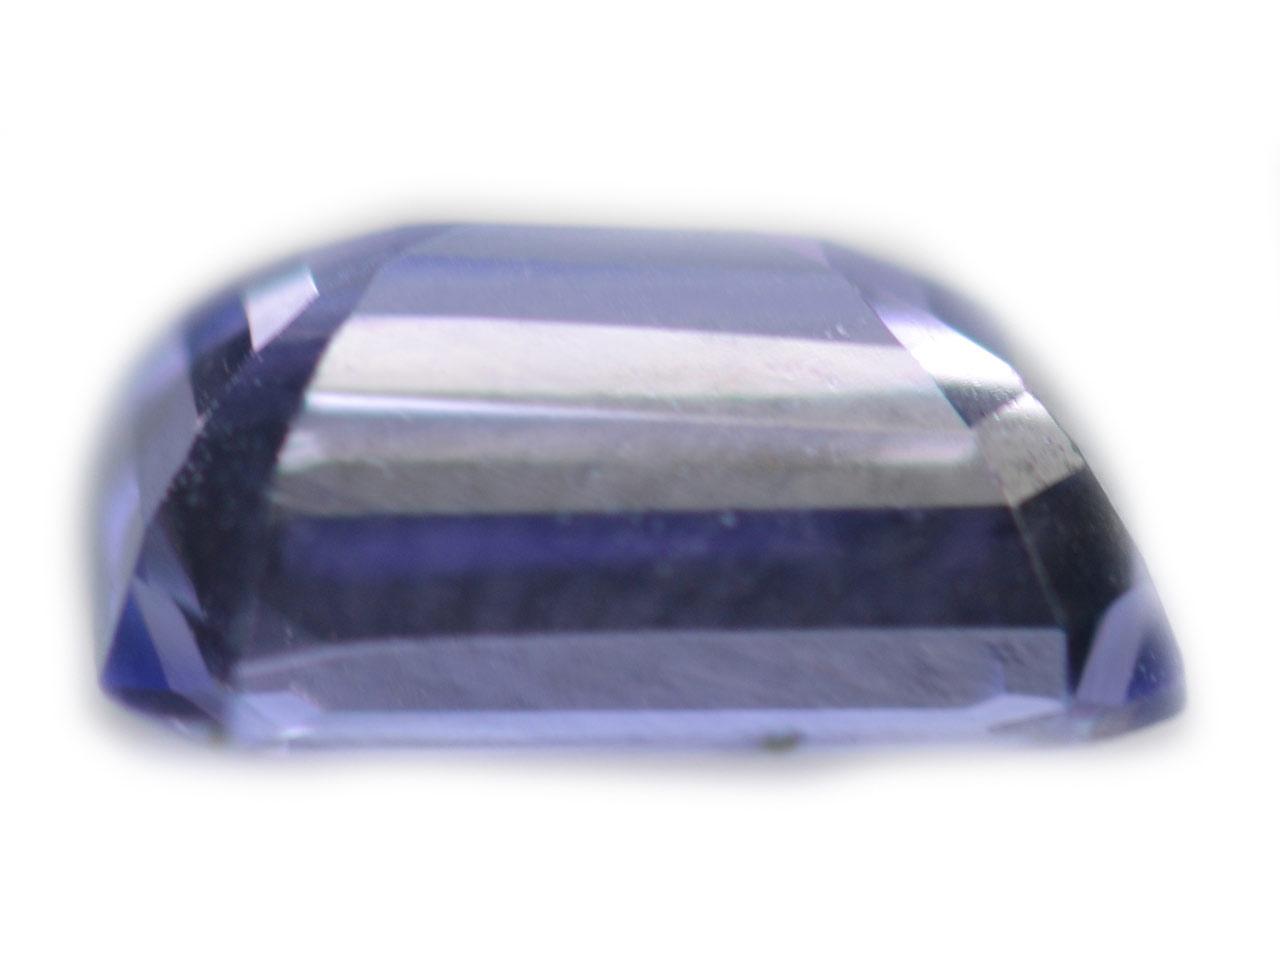 Emerald Cut Tanzanite blueviolet - emerald - 9.1x6.9mm - 2.05carats